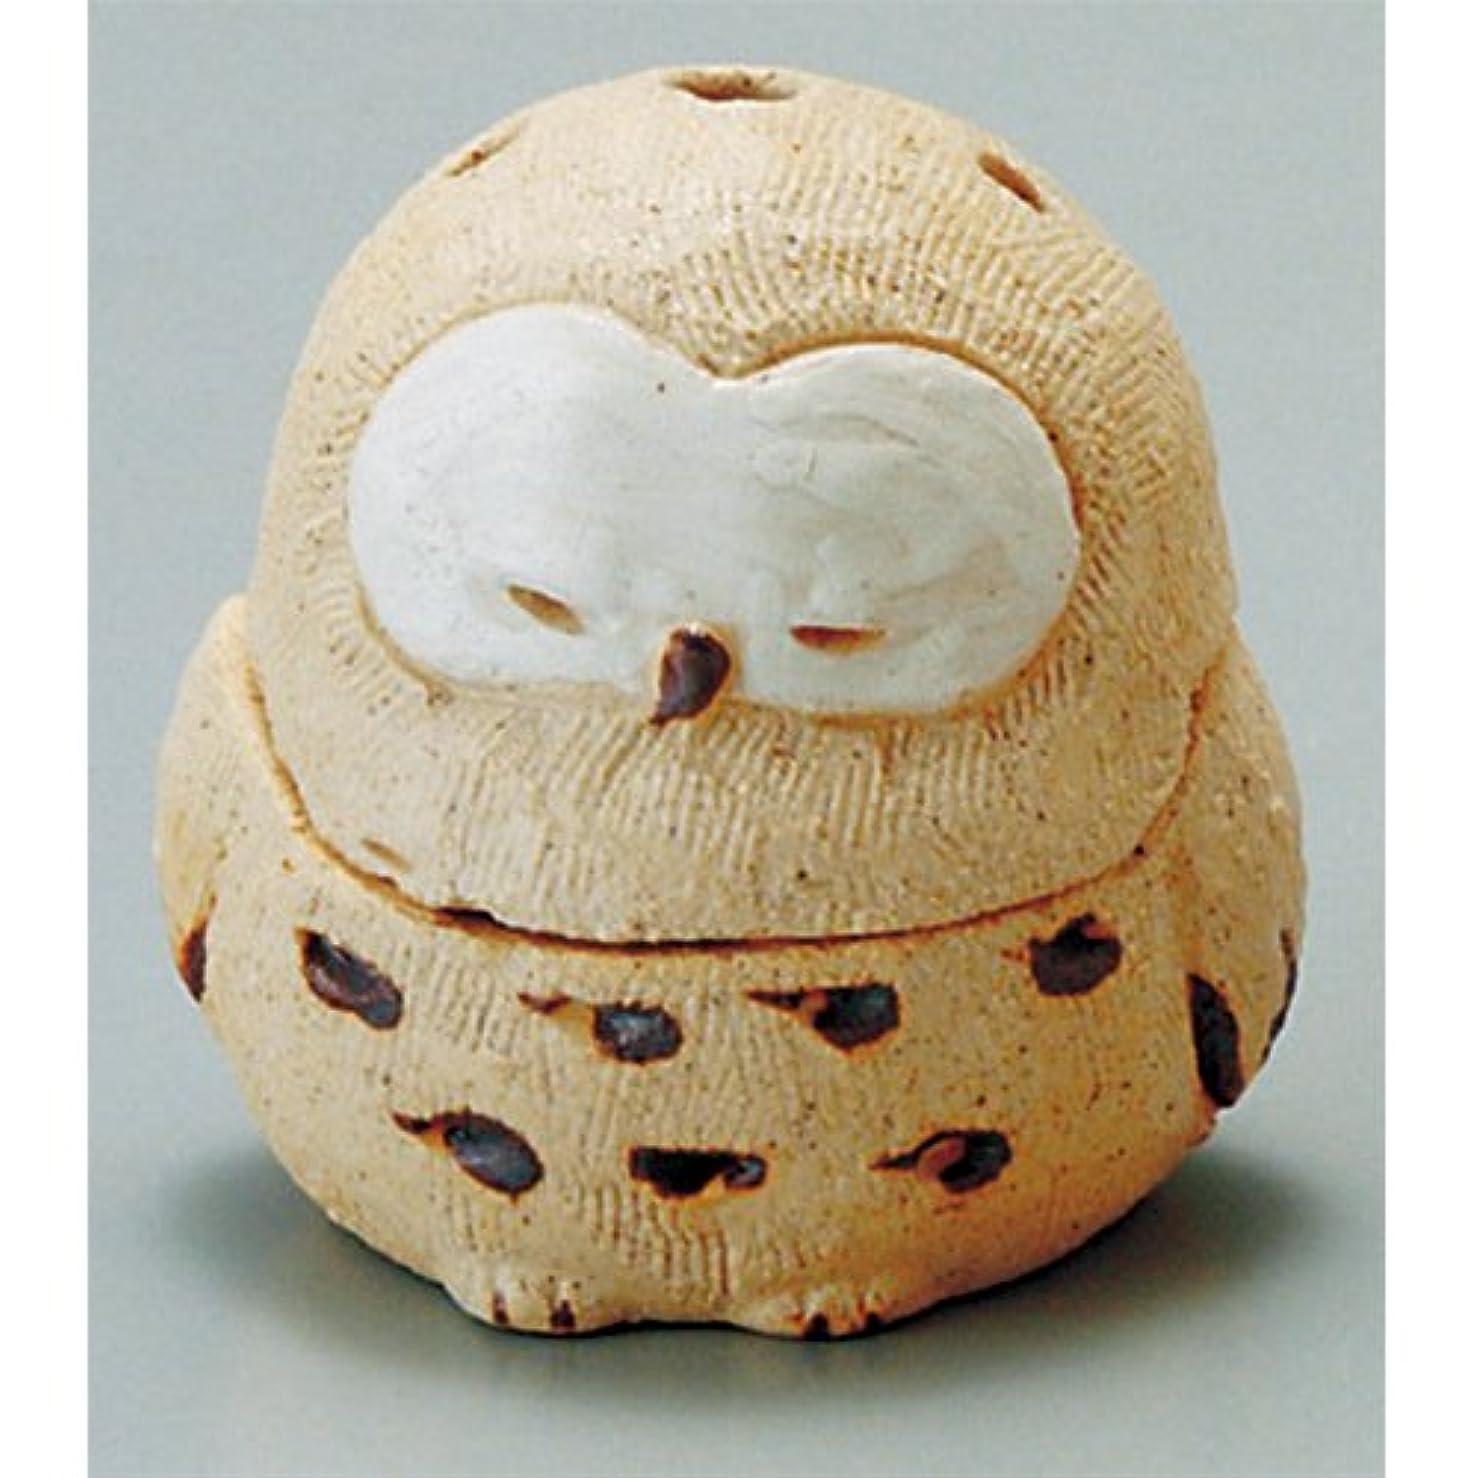 整然としたさらにキリスト香炉 蔵ふくろう 香炉(小) [H6.5cm] HANDMADE プレゼント ギフト 和食器 かわいい インテリア